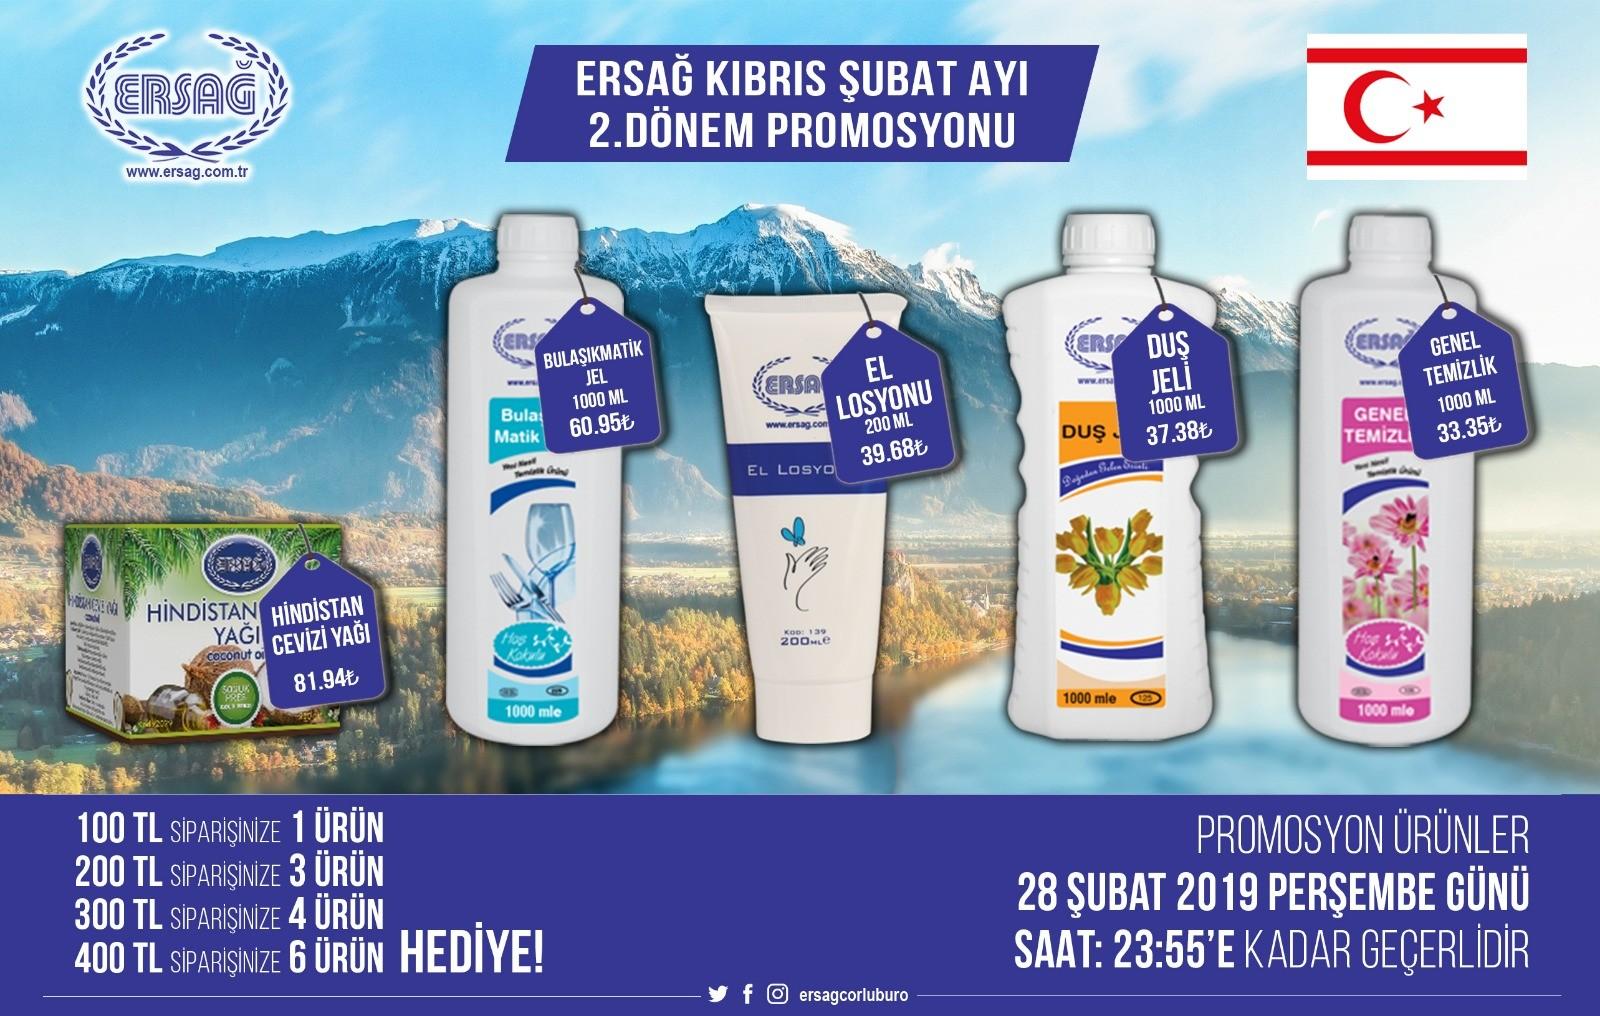 Ersağ Kıbrıs Şubat ayı 2'ci Dönem Puromosyon Ürünleri